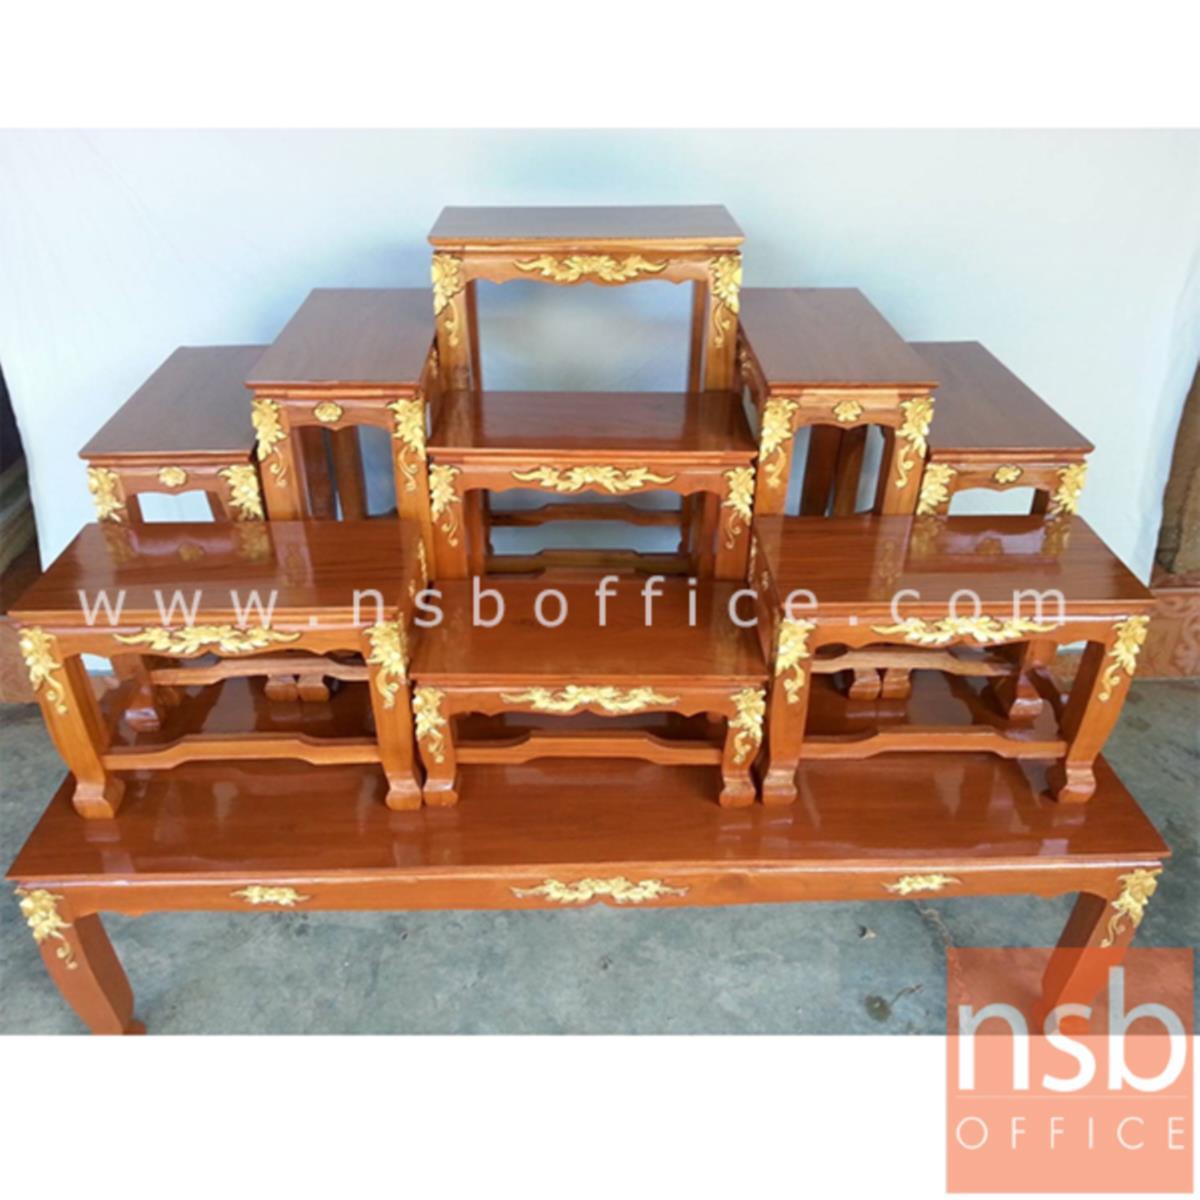 G18A006:โต๊ะหมู่บูชาไม้สักแกะลายปิดทอง รุ่น NT04 หมู่9 หน้ากว้าง 9 นิ้ว